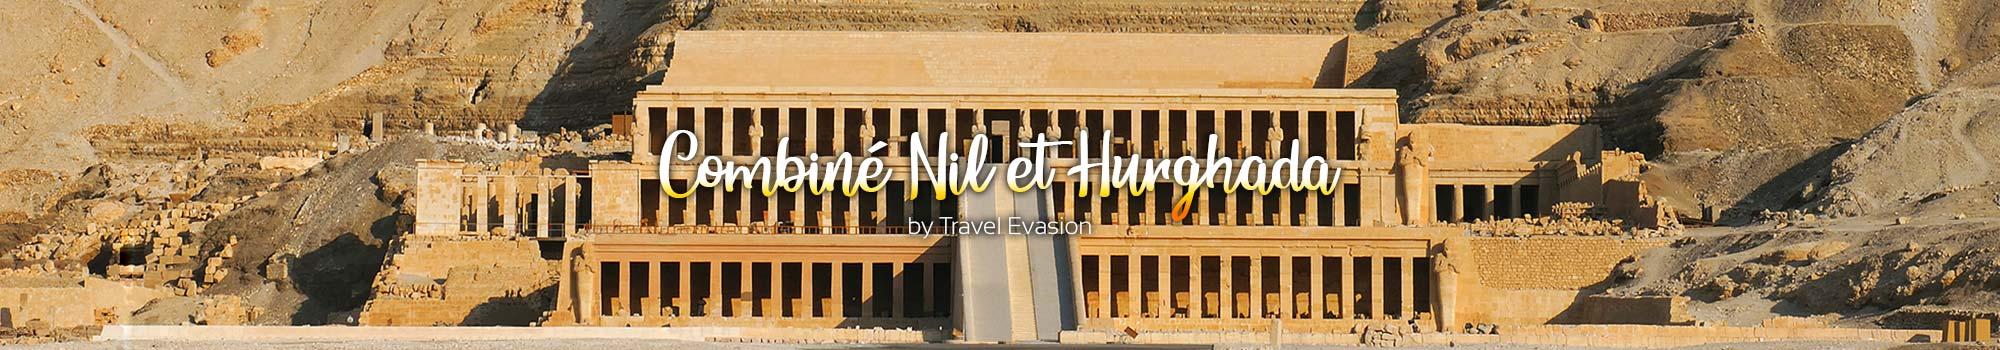 Voyage Egypte, Combinés croisière sur le nil et séjour Hurghada